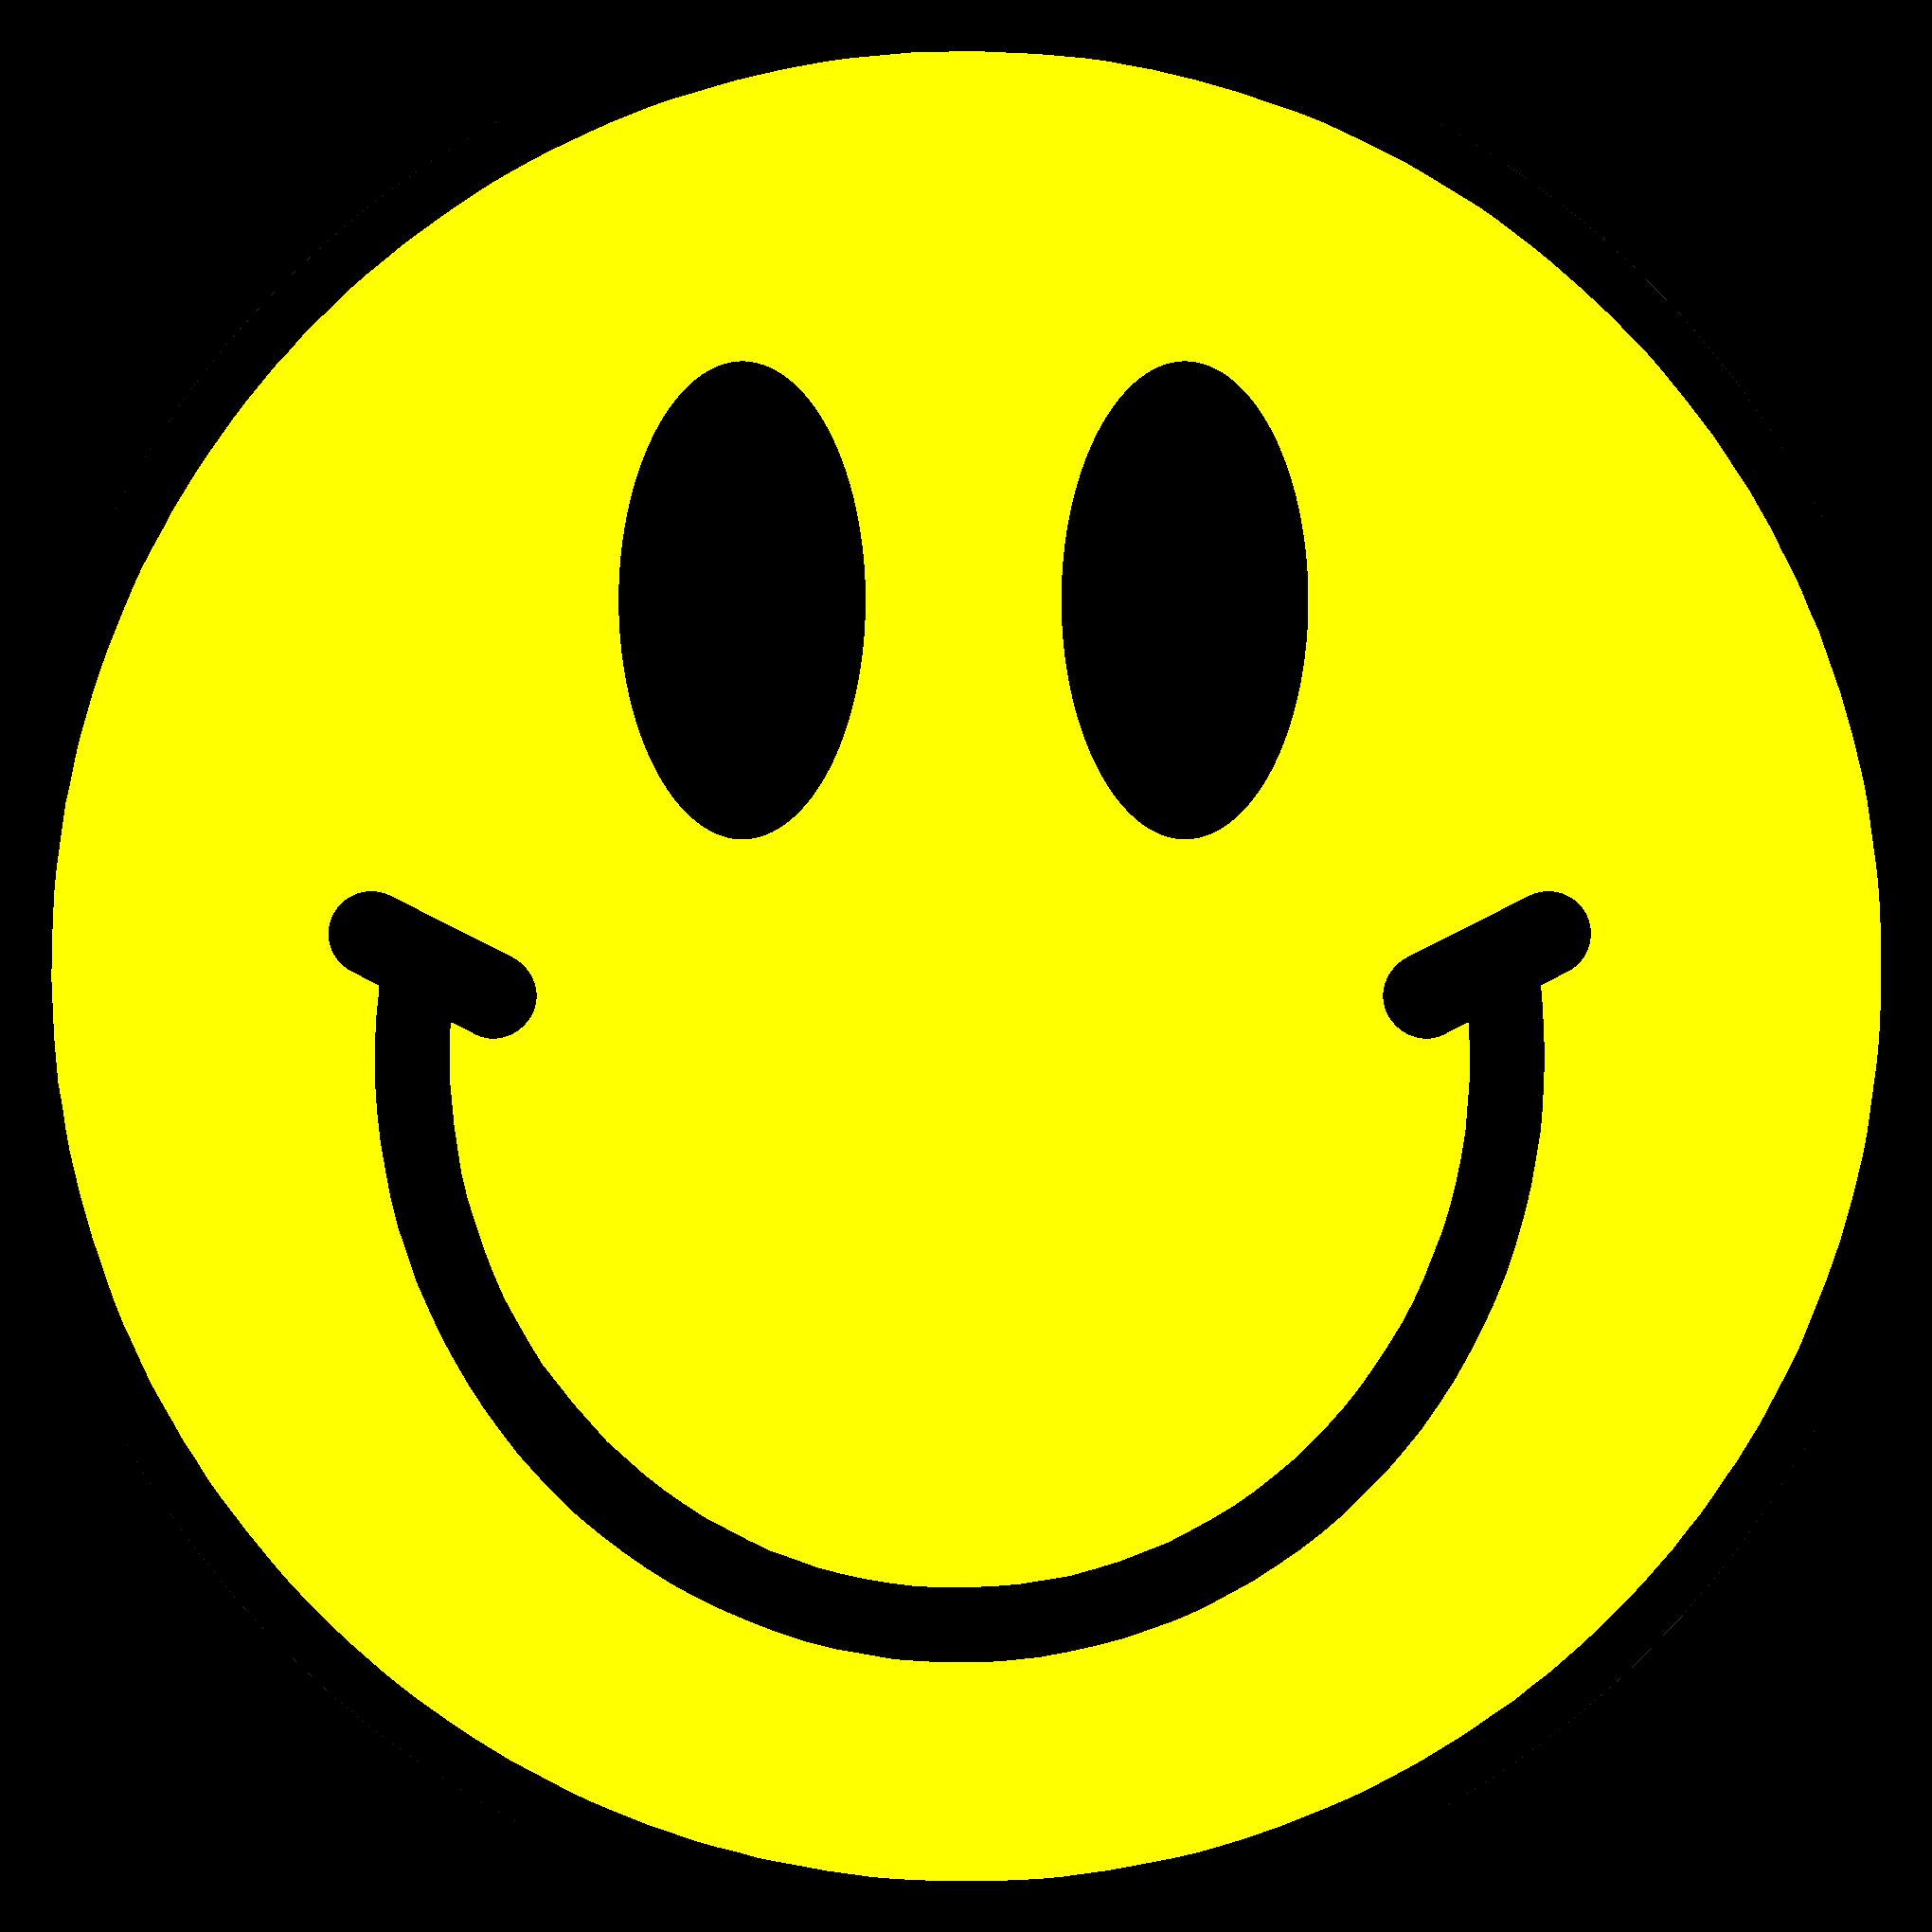 Smiley Face Sad Face - Cliparts.co